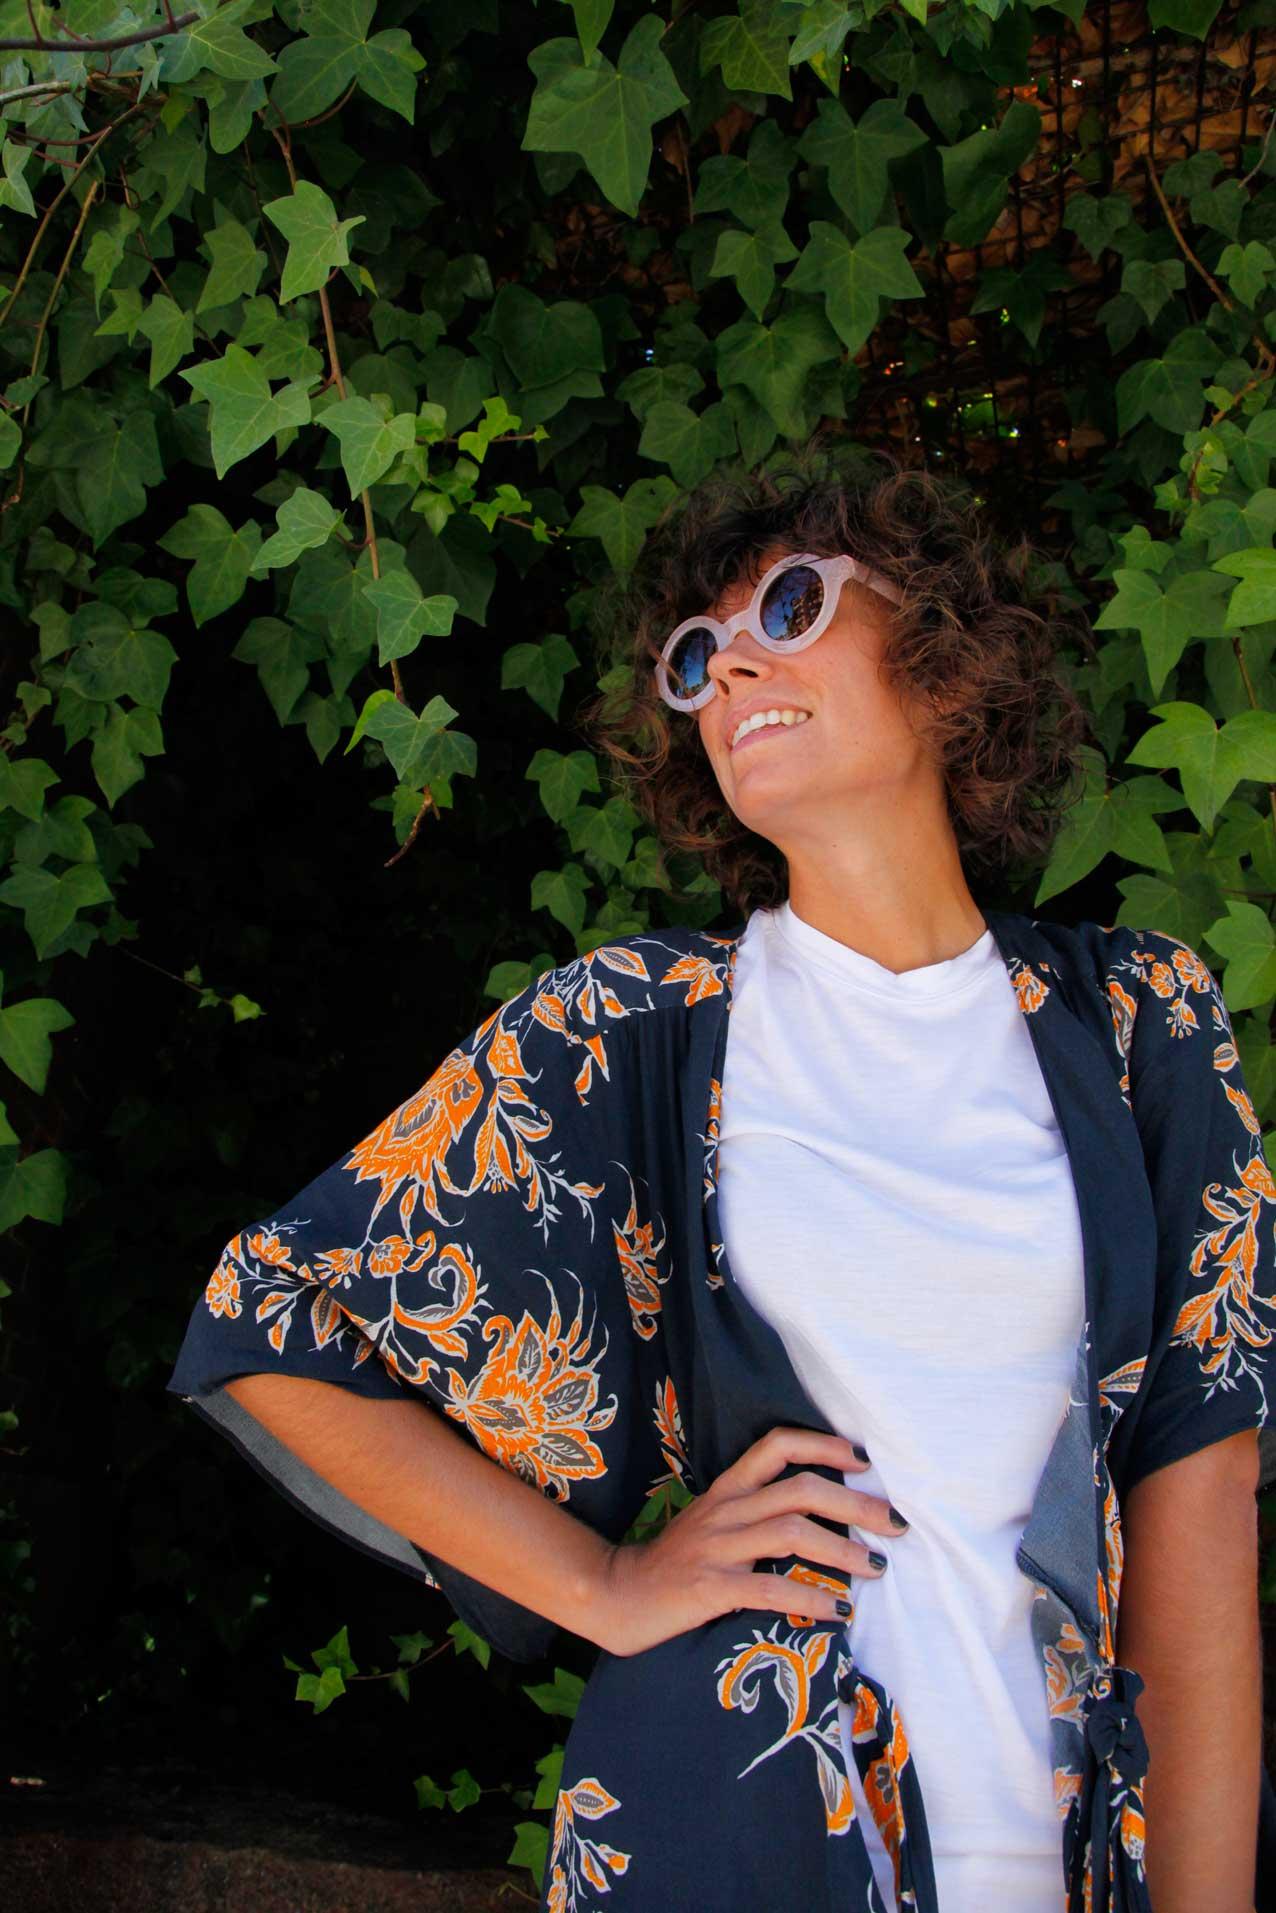 kimono_dress-white_jeans-mbfwm2016-streetstyle-cool_lemonade3